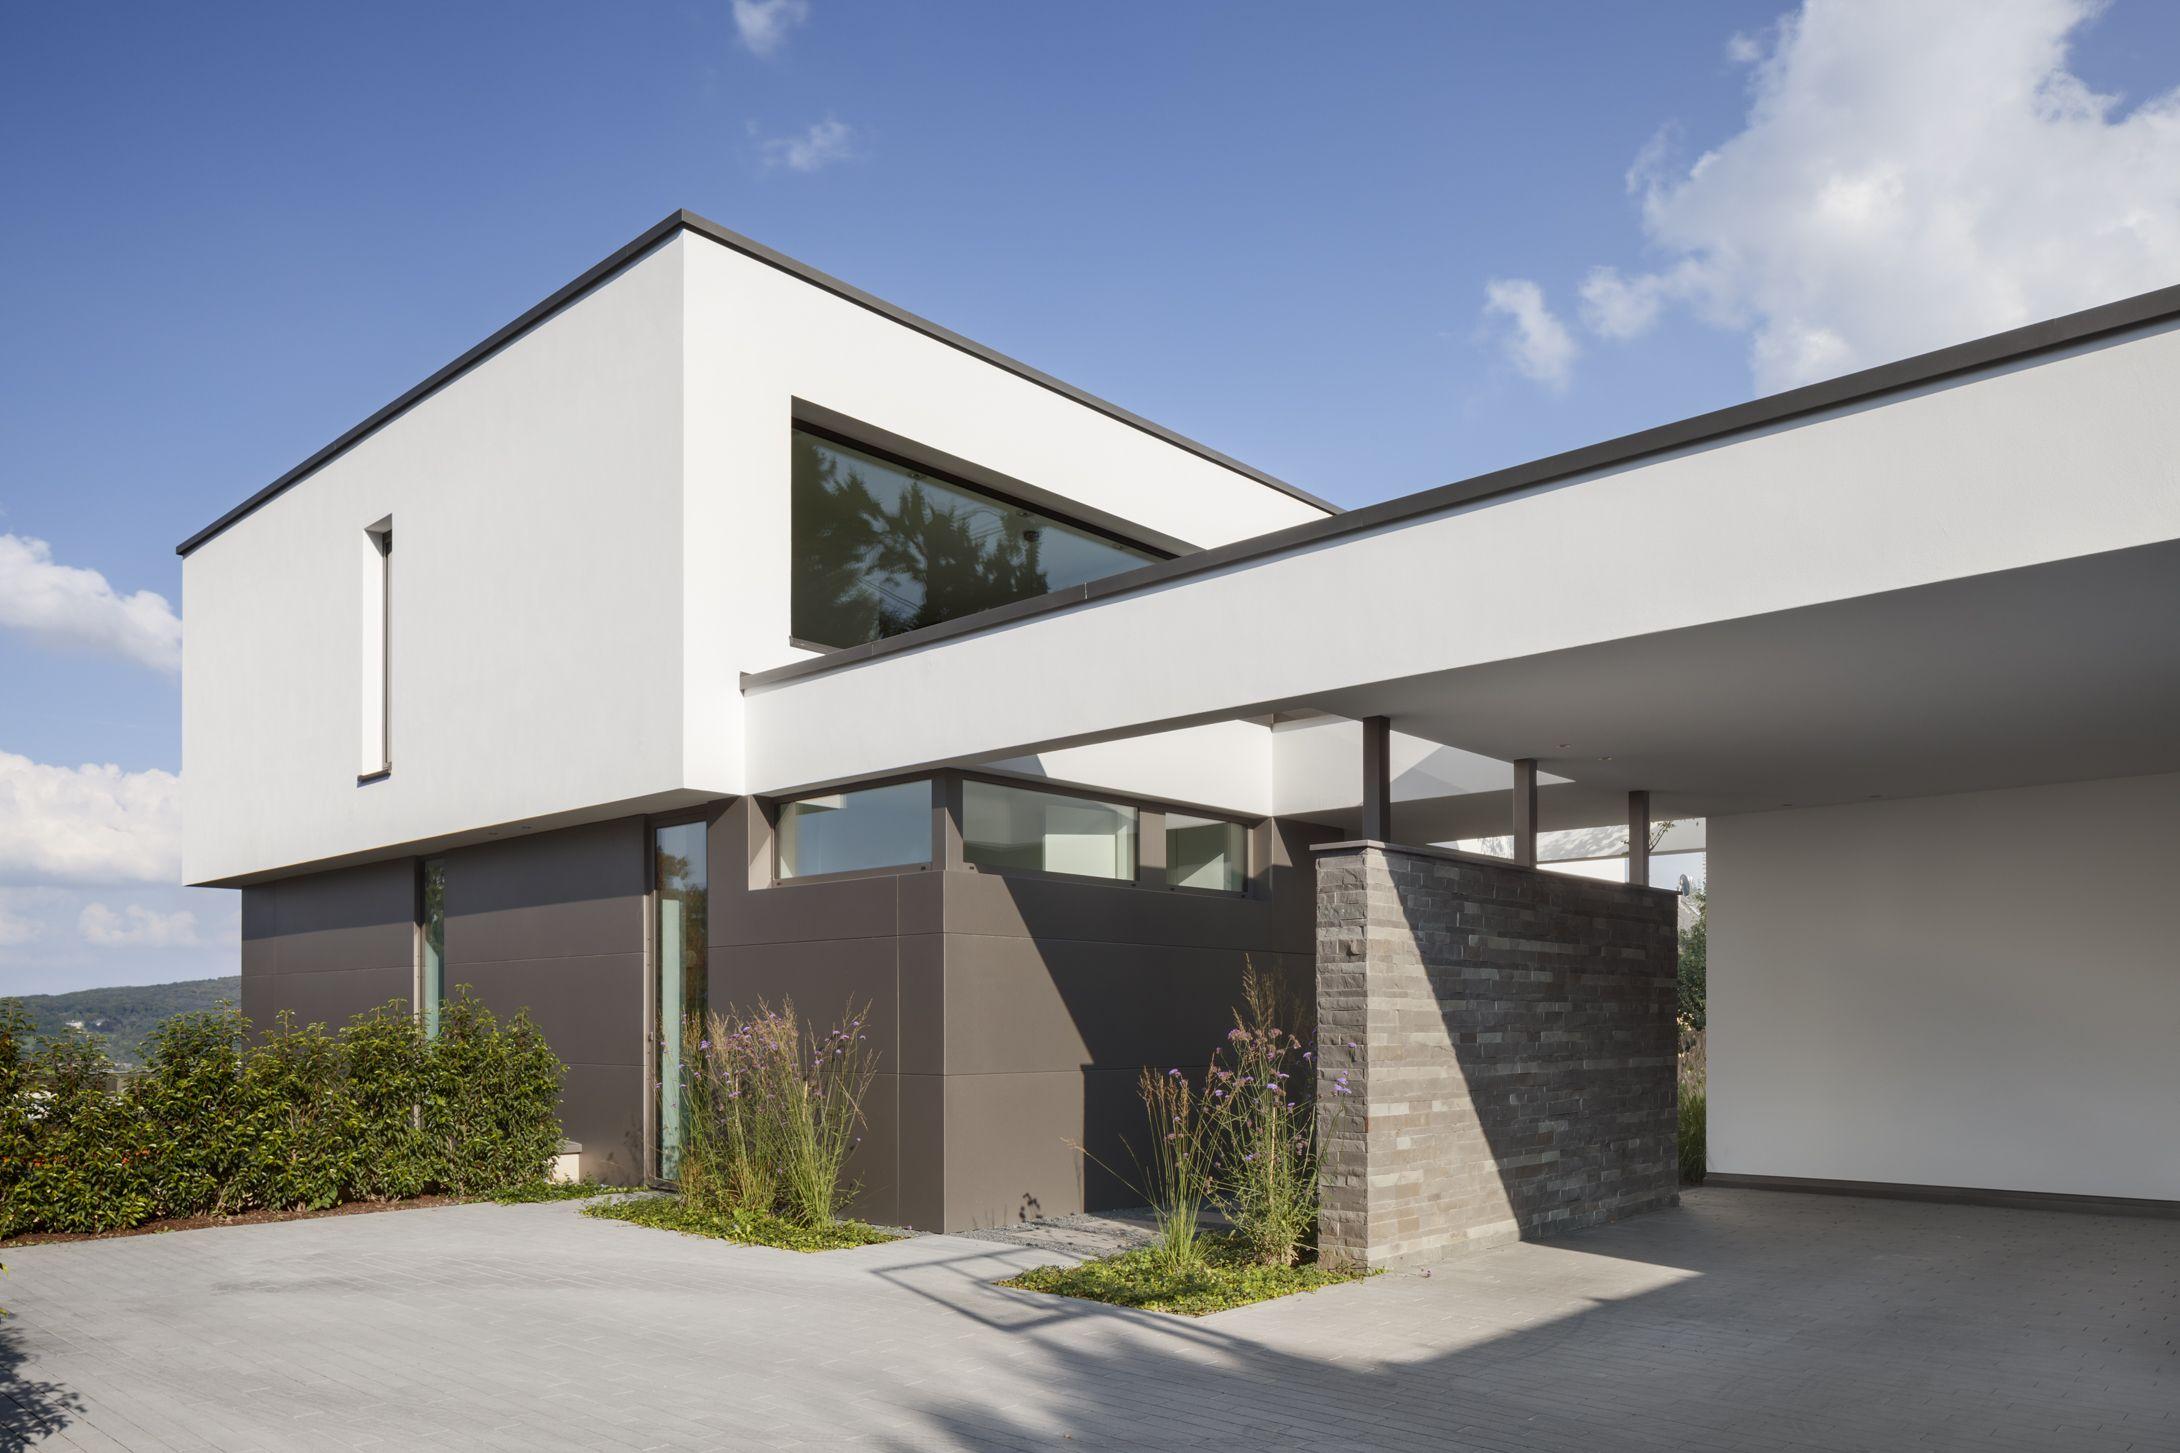 Moderne Architektur mit offener Garage. Einfahrt mit Palladio von ...